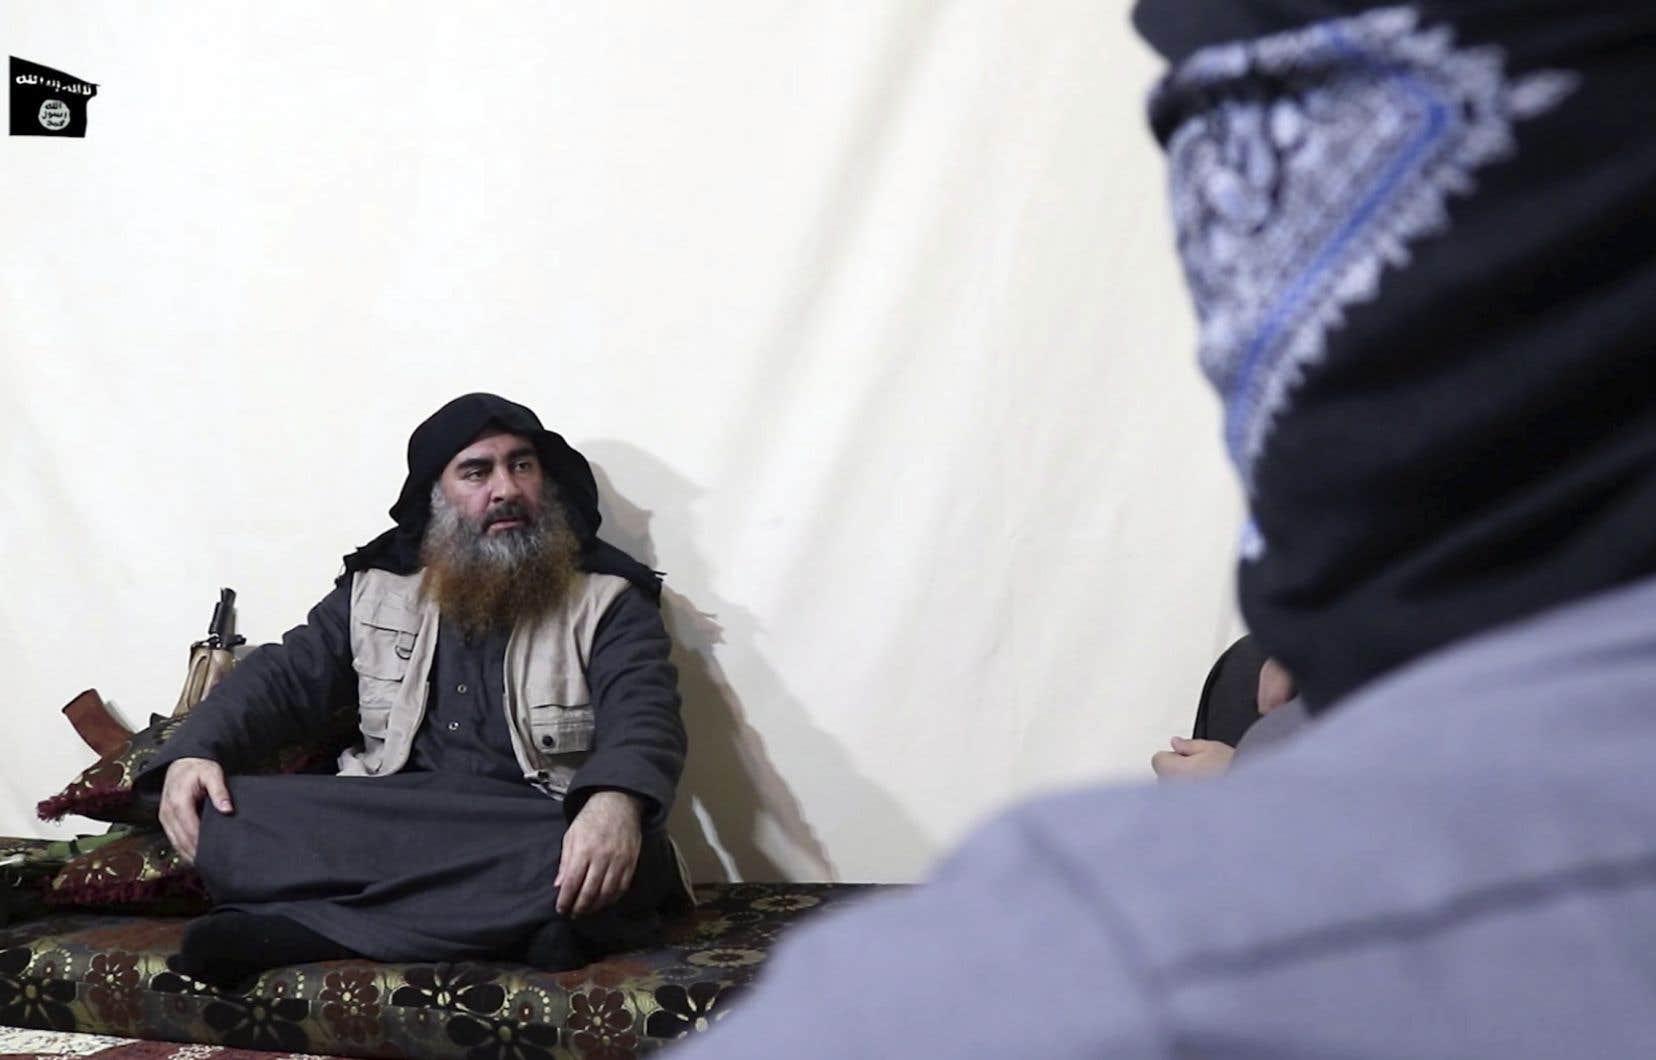 <p>Le dernier message attribué à Abou Bakr al-Baghdadi était un enregistrement audio diffusé en août 2018, et sa seule apparition en public était en 2014 à Mossoul, en Irak.</p>